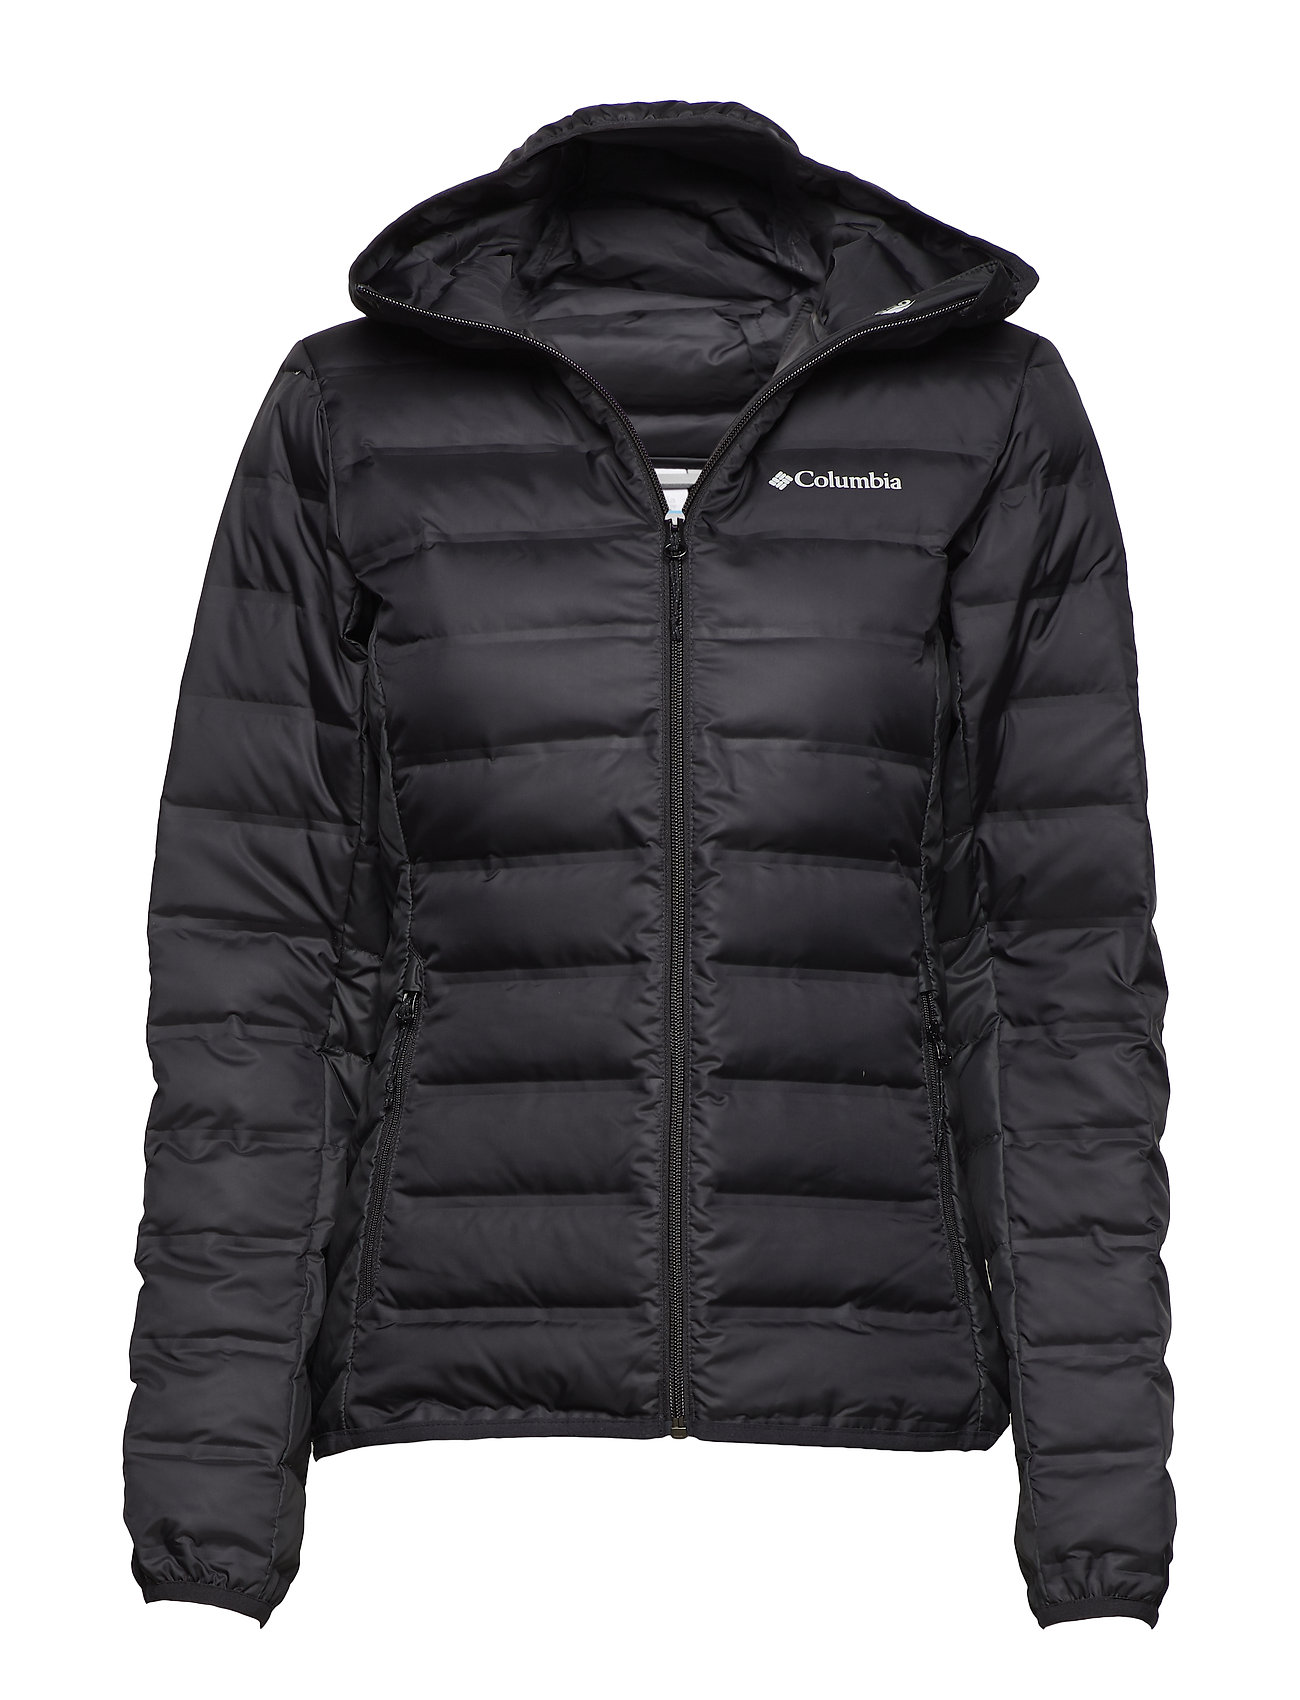 Lake 22? Hooded Jacket Foret Jakke Sort COLUMBIA